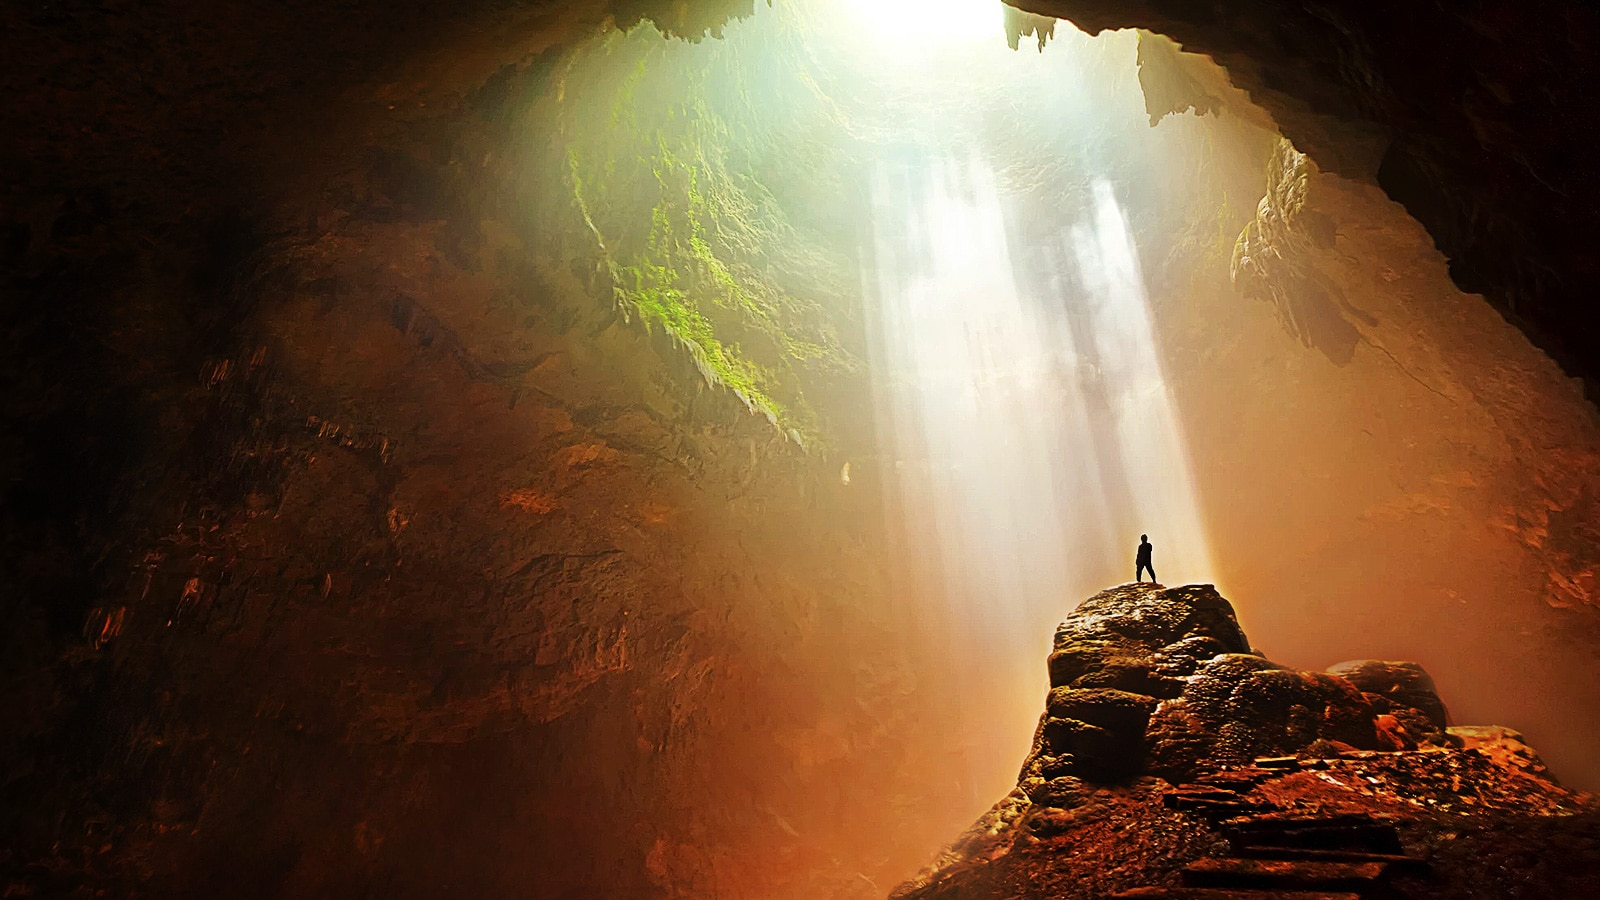 Silhouette dans une grotte avec un puit de lumière